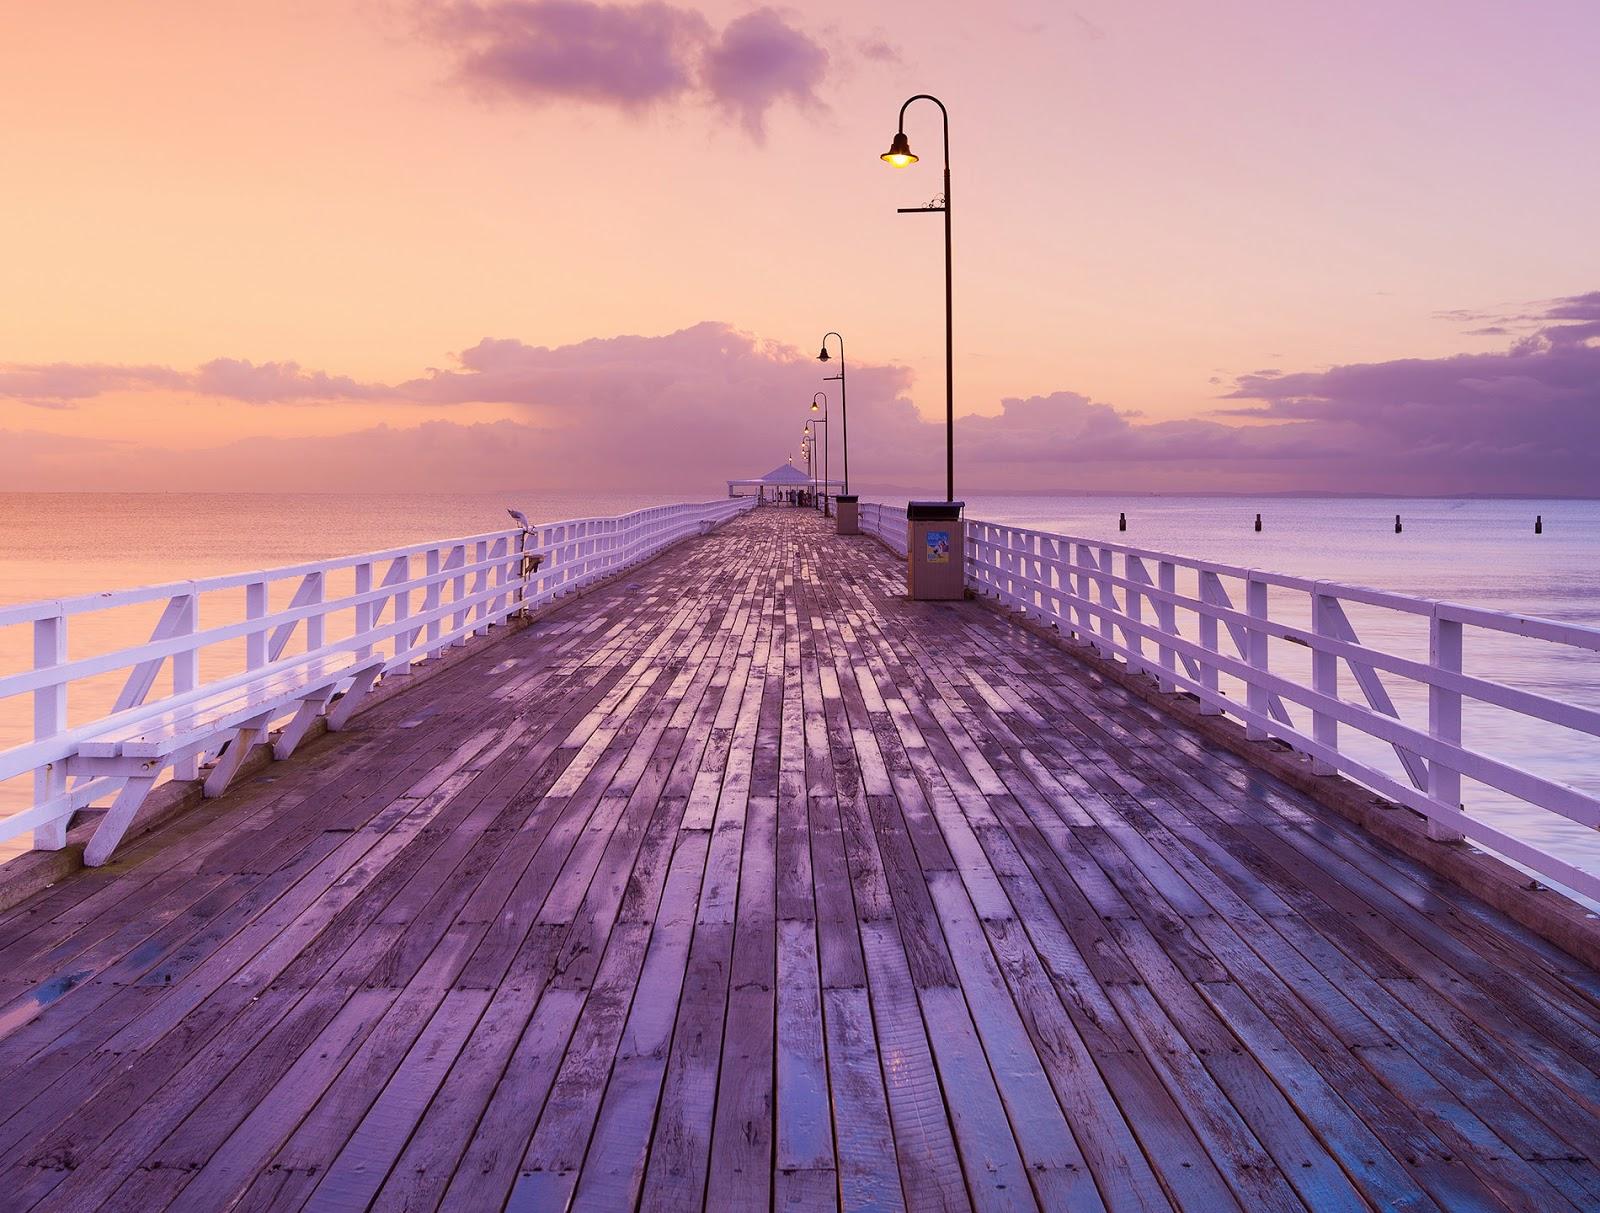 خلفية الأسبوع منظر طبيعي مع الغروب على شاطئ البحر #1